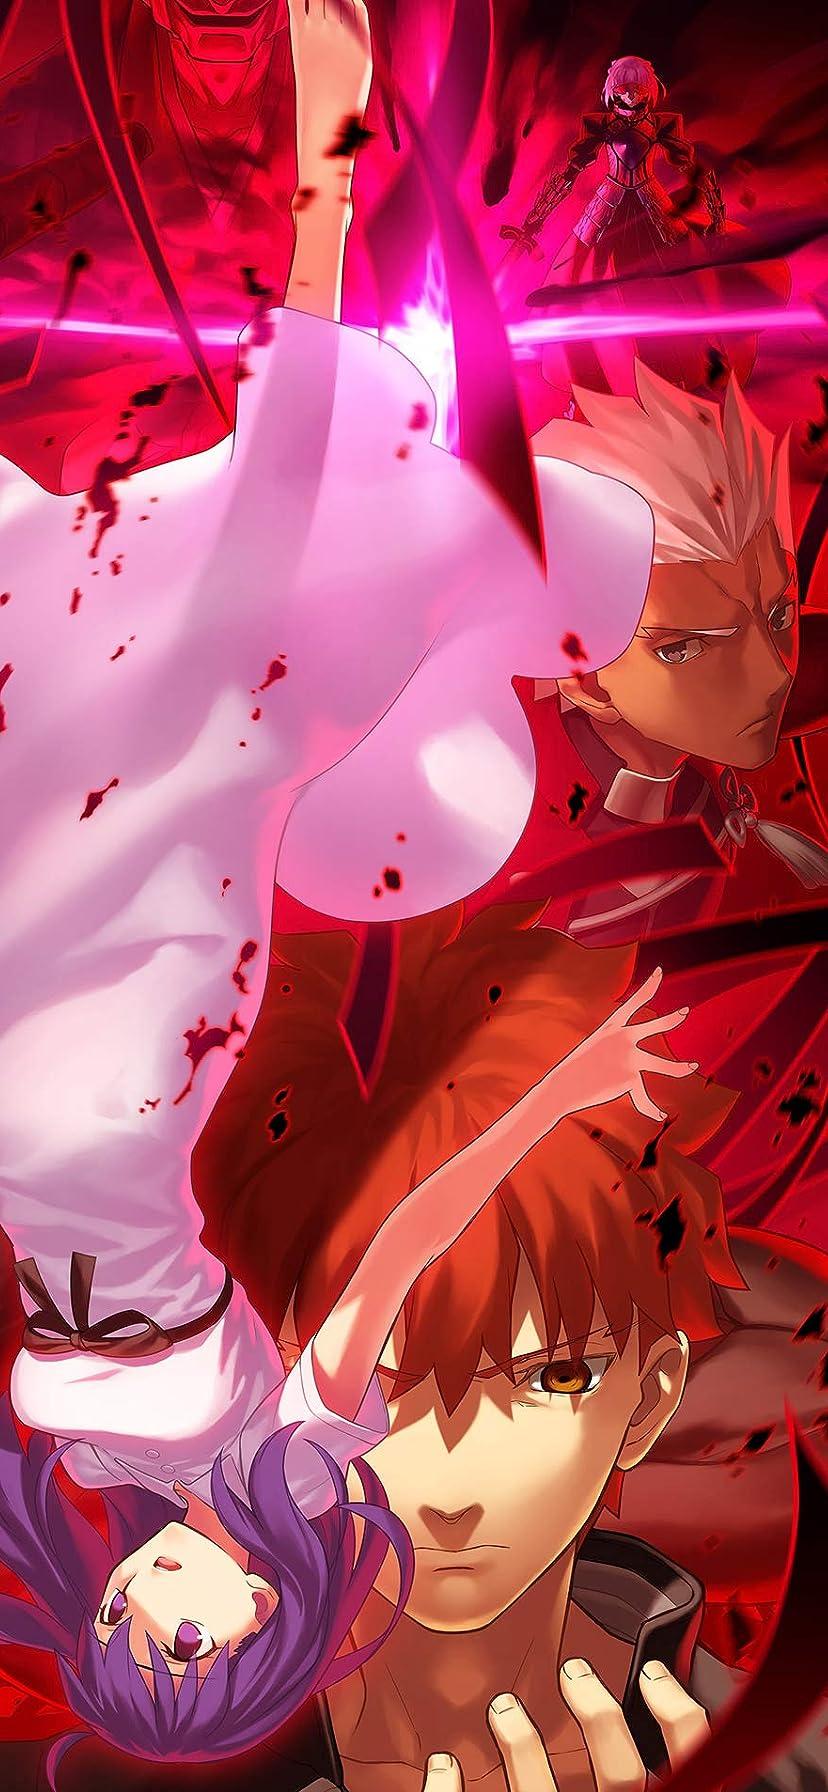 Fate Iphone 11 Pro Max Xr Xs Max 壁紙 衛宮士郎 間桐桜 アーチャー